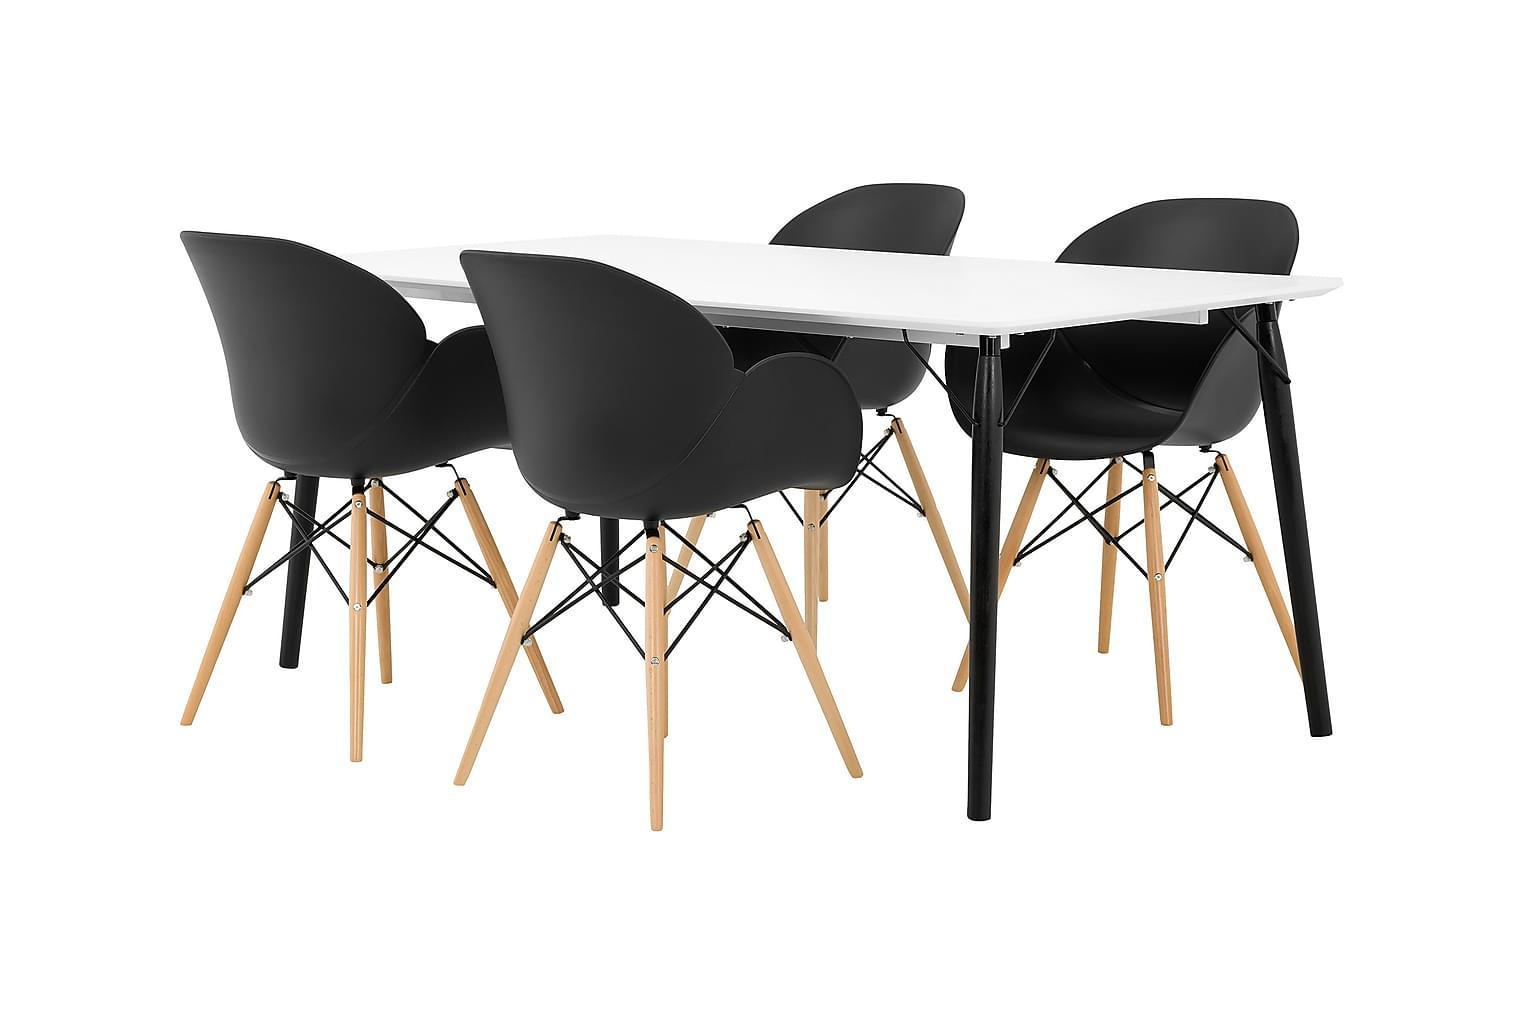 CLAIRE Pöytä 180 Valkoinen + 4 RANA Nojatuoli Musta